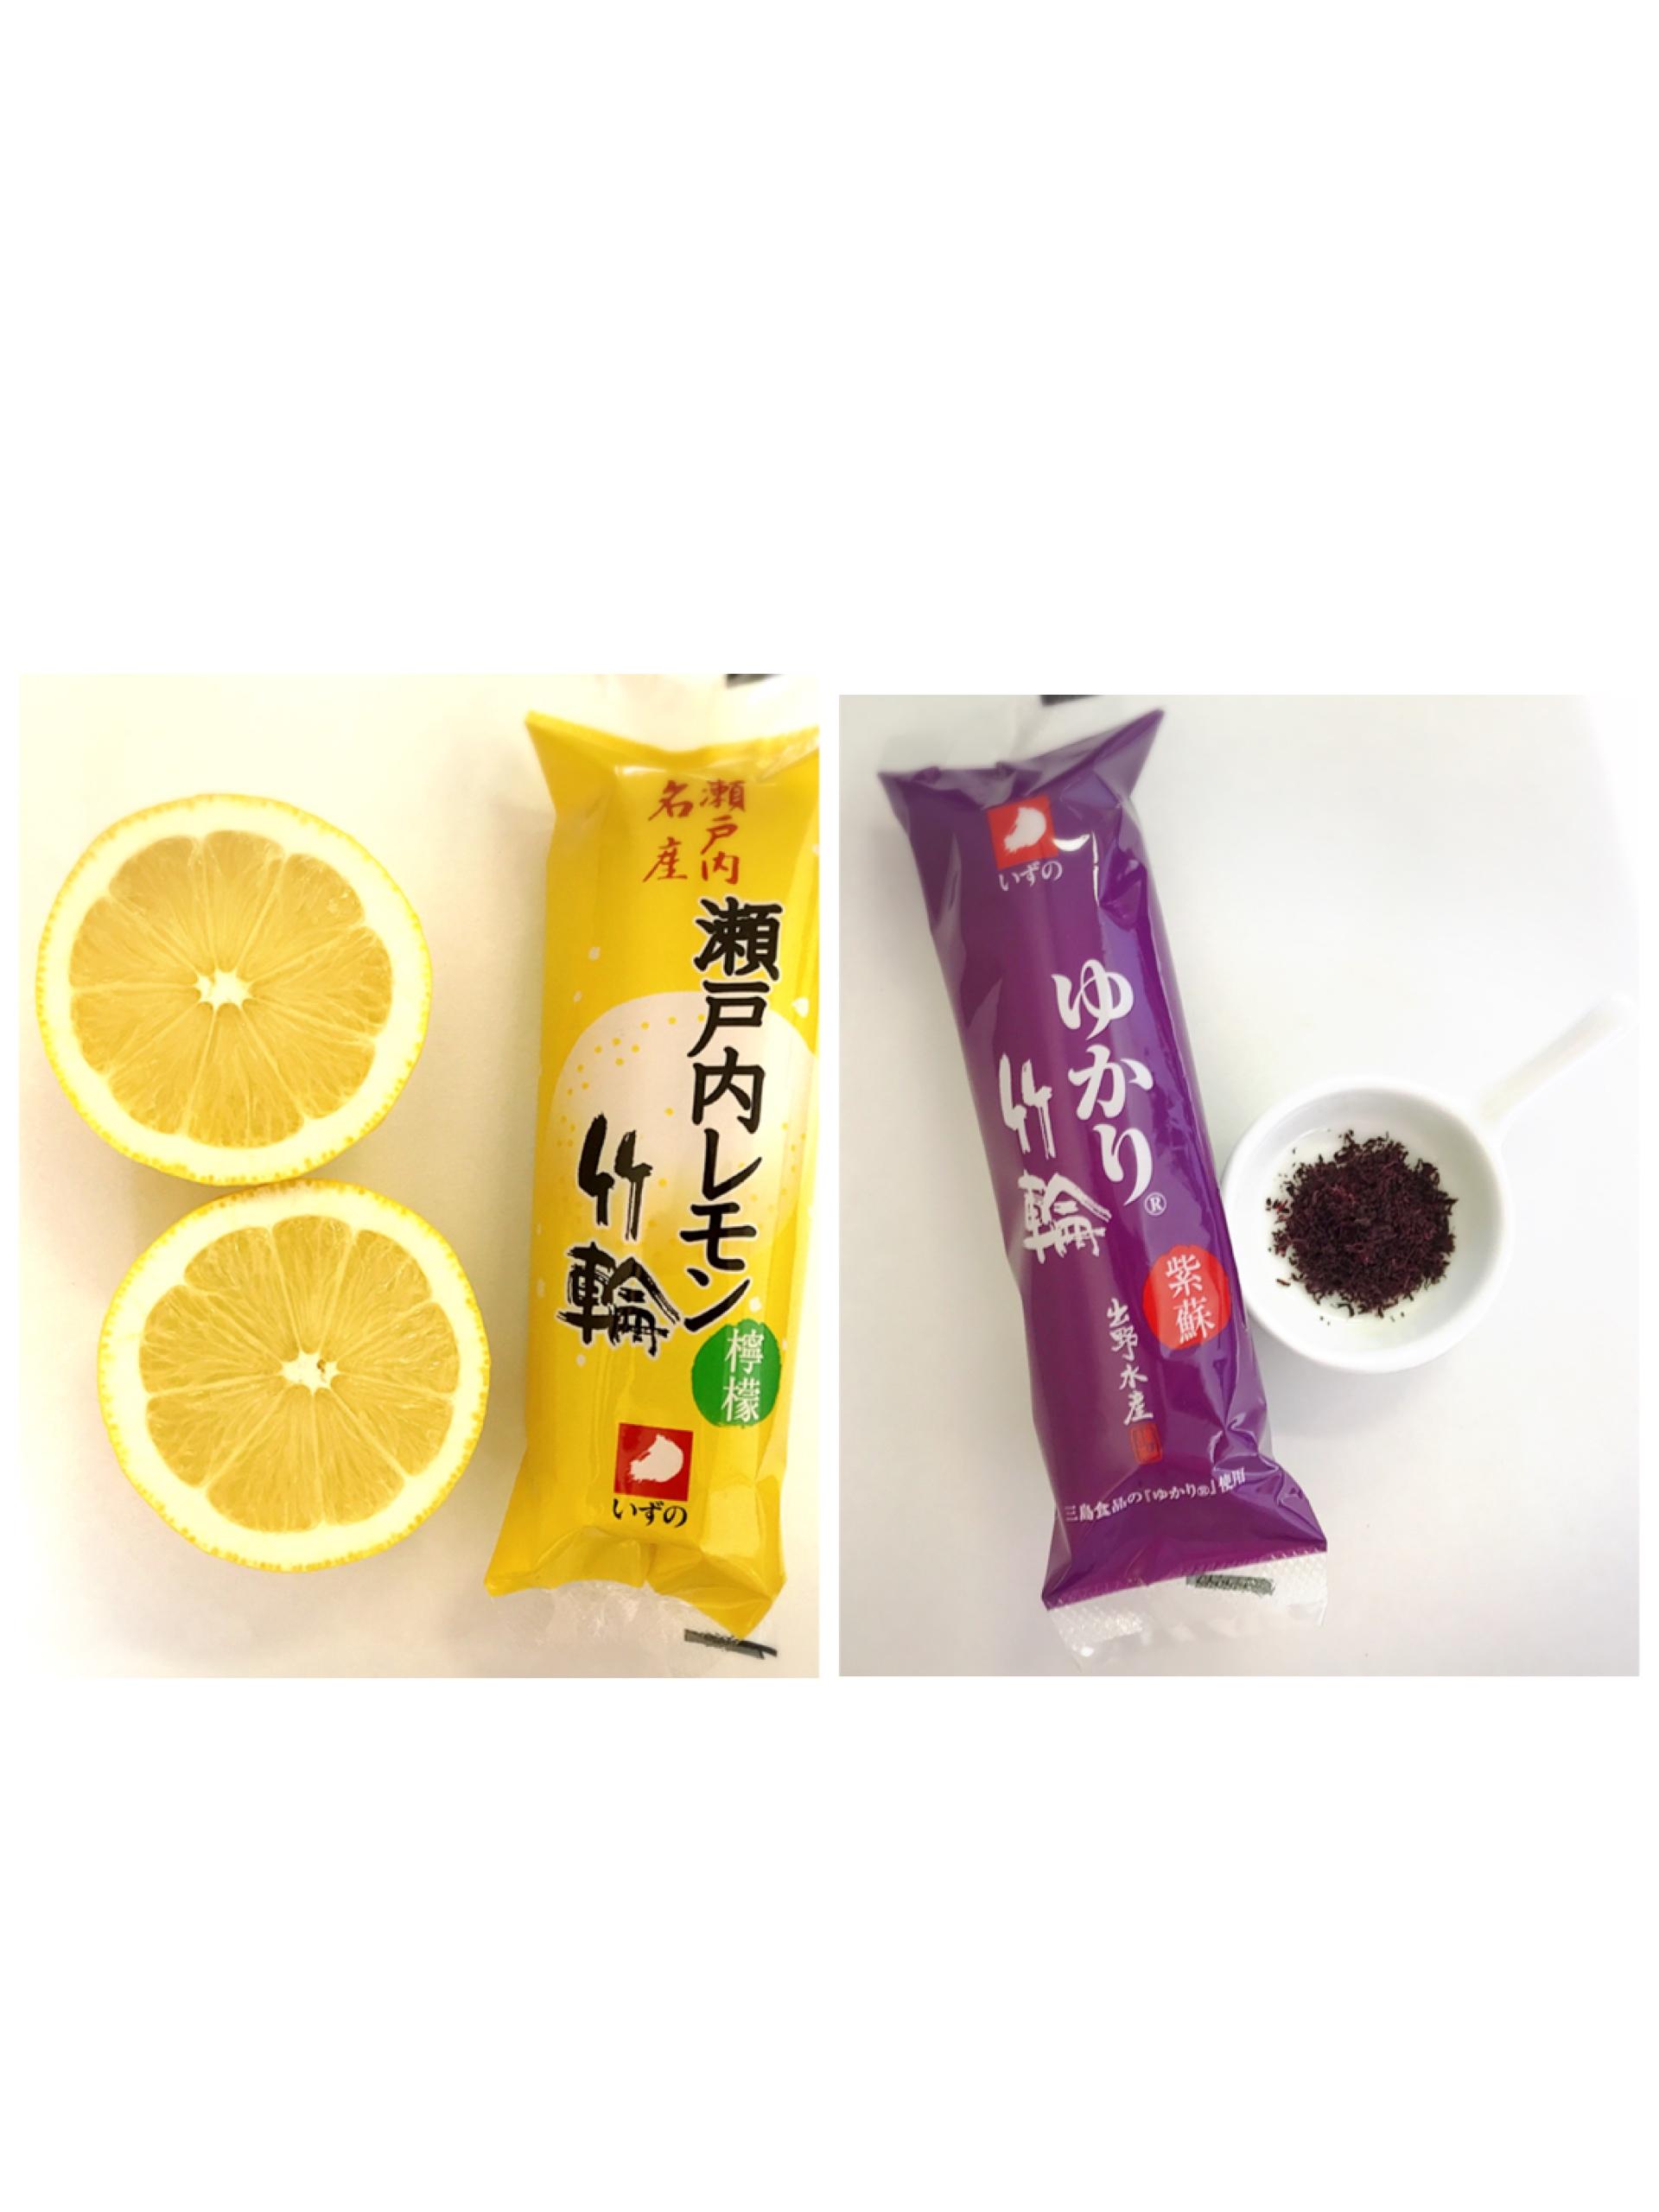 「ゆかり竹輪」「瀬戸内レモン竹輪」新発売